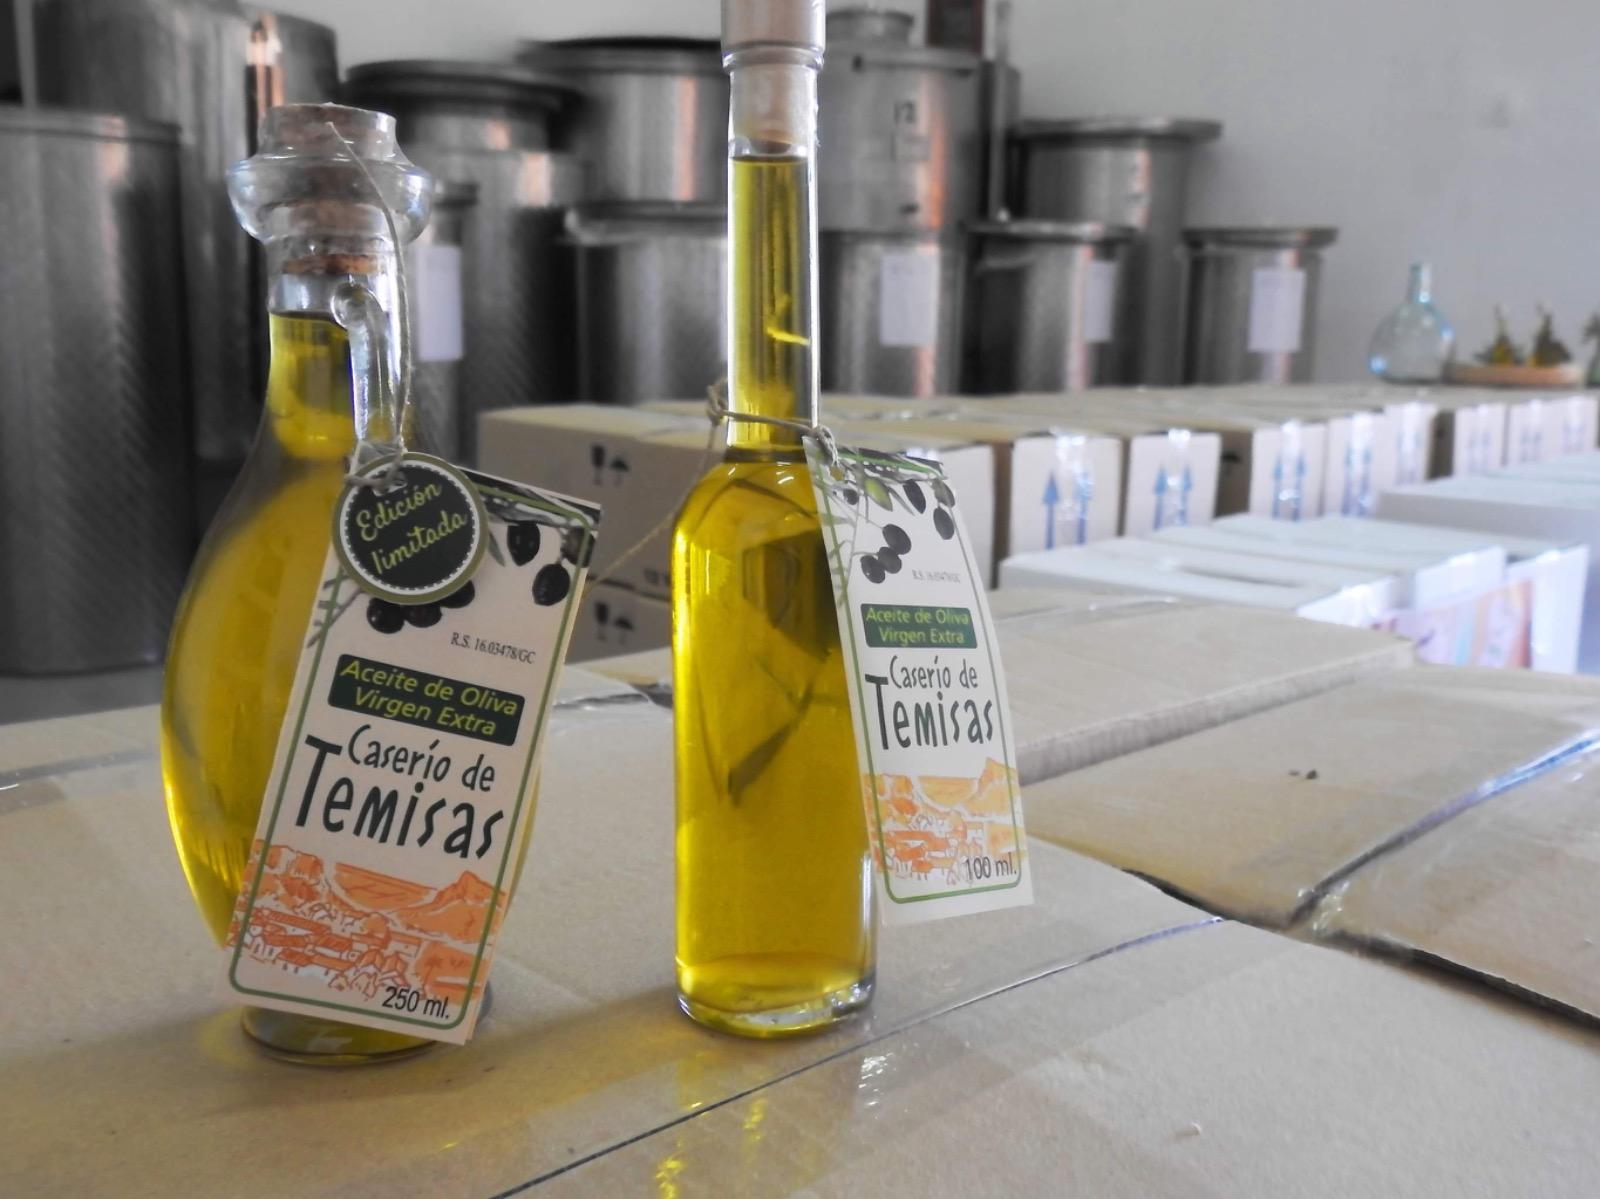 Aceite de oliva virgen extra Caserío de Temisas / CanariasNoticias.es